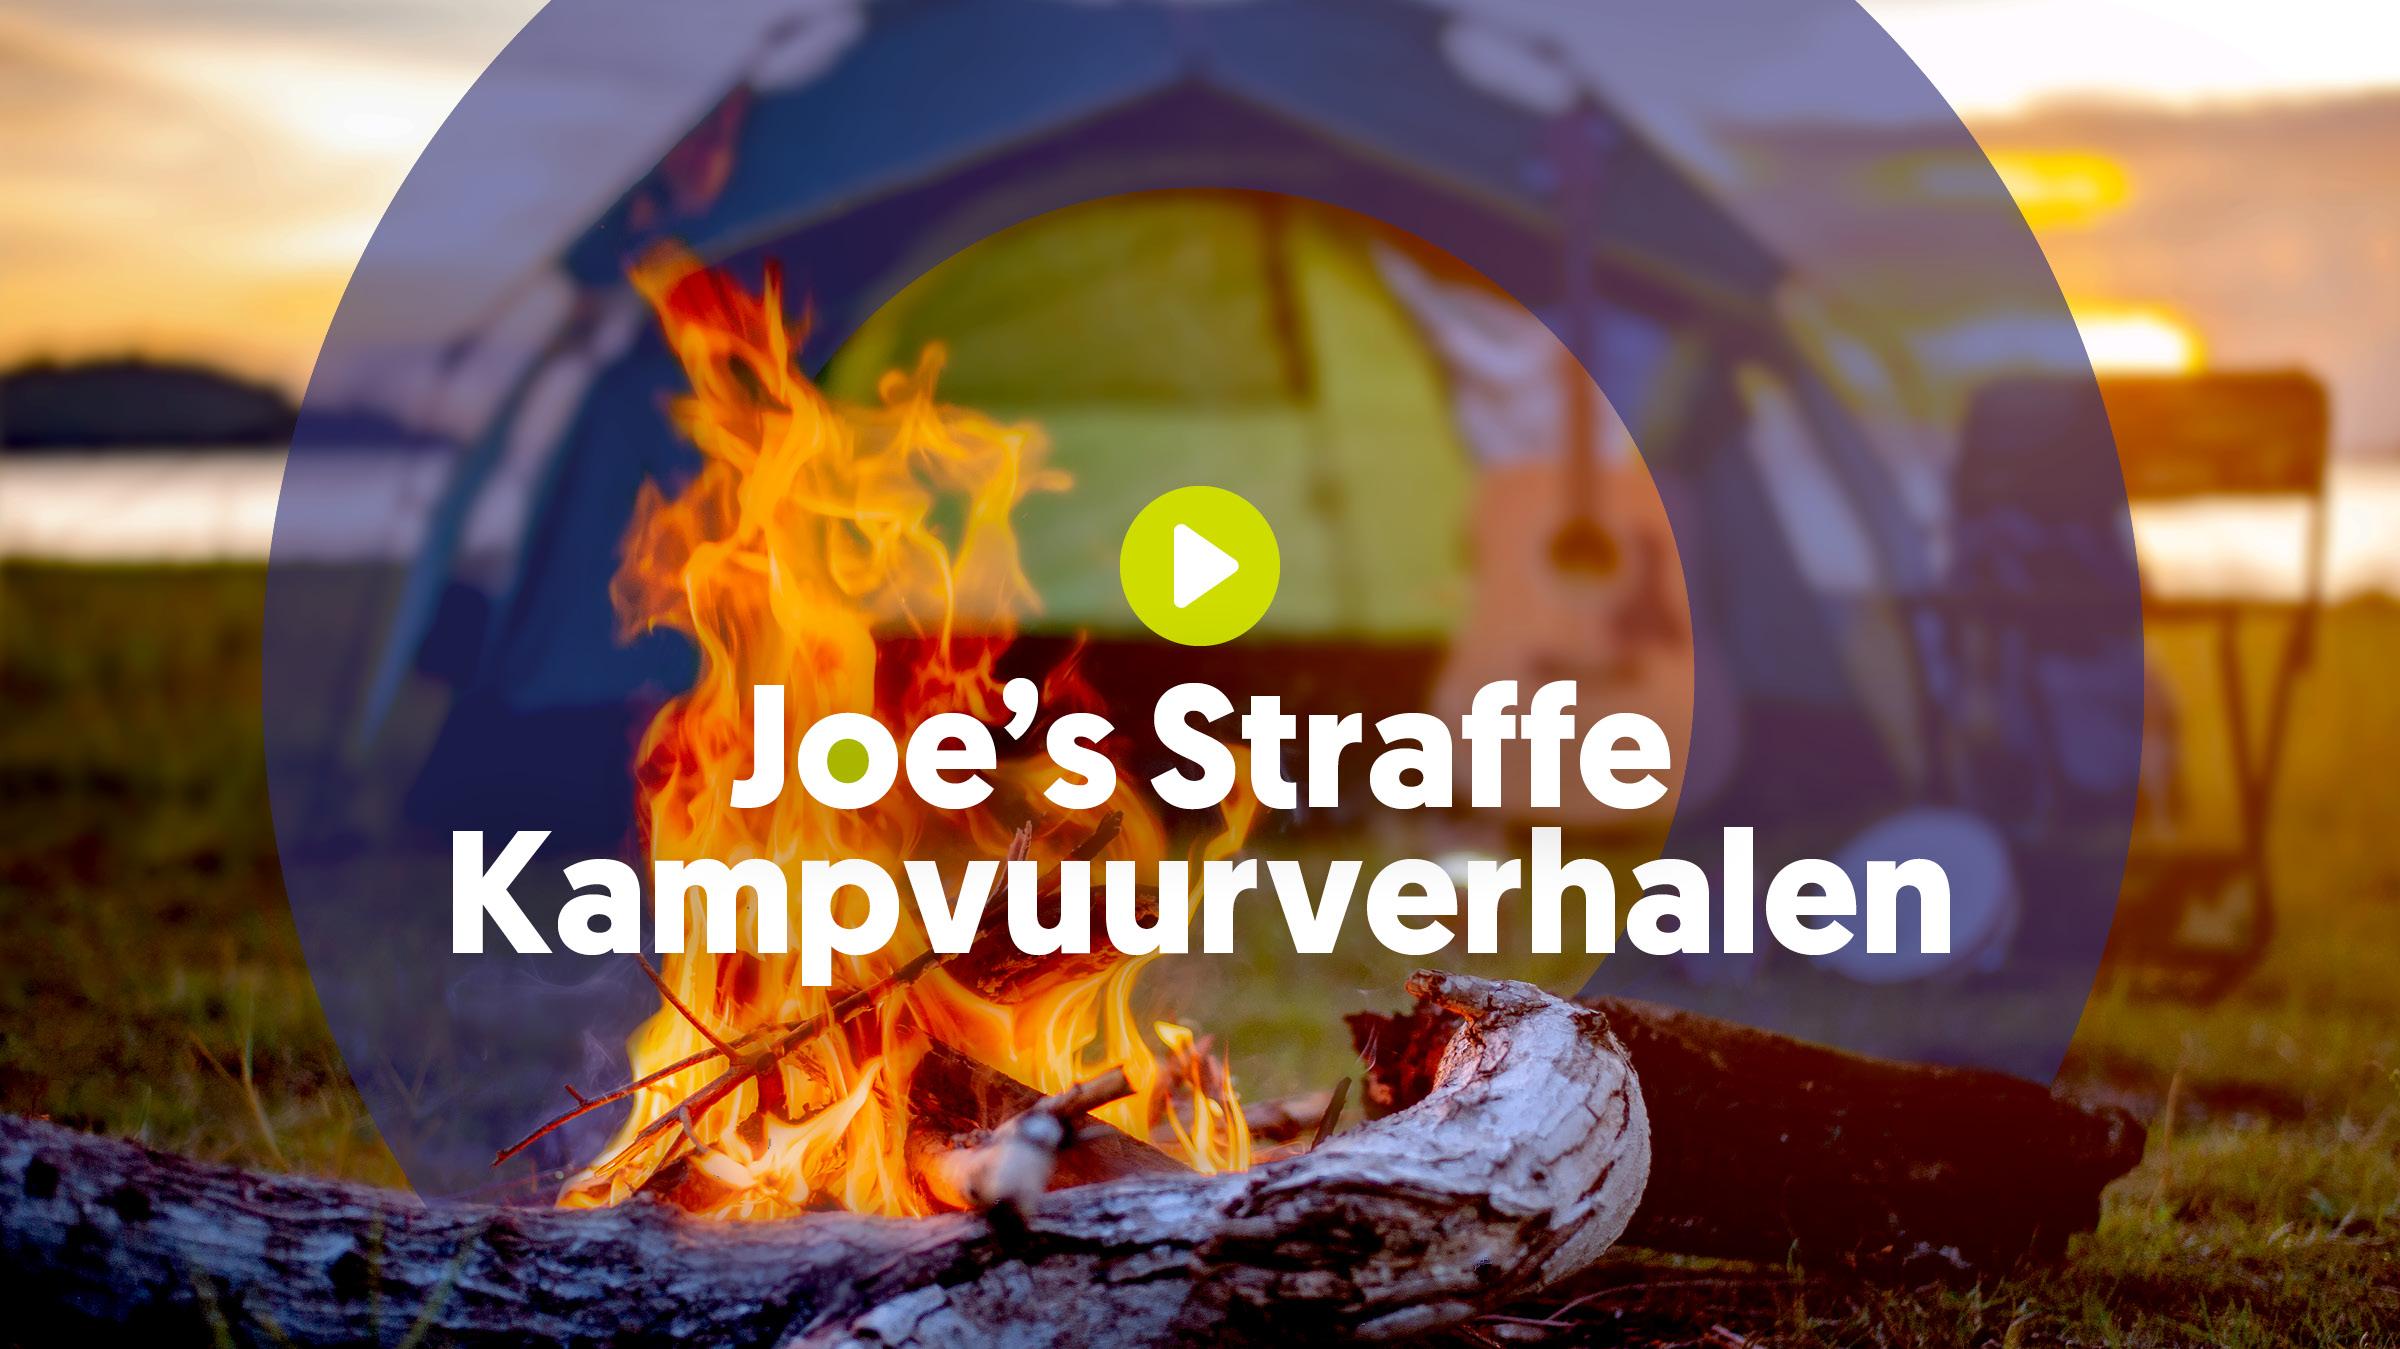 Joe site straffe kampvuurverhalen def